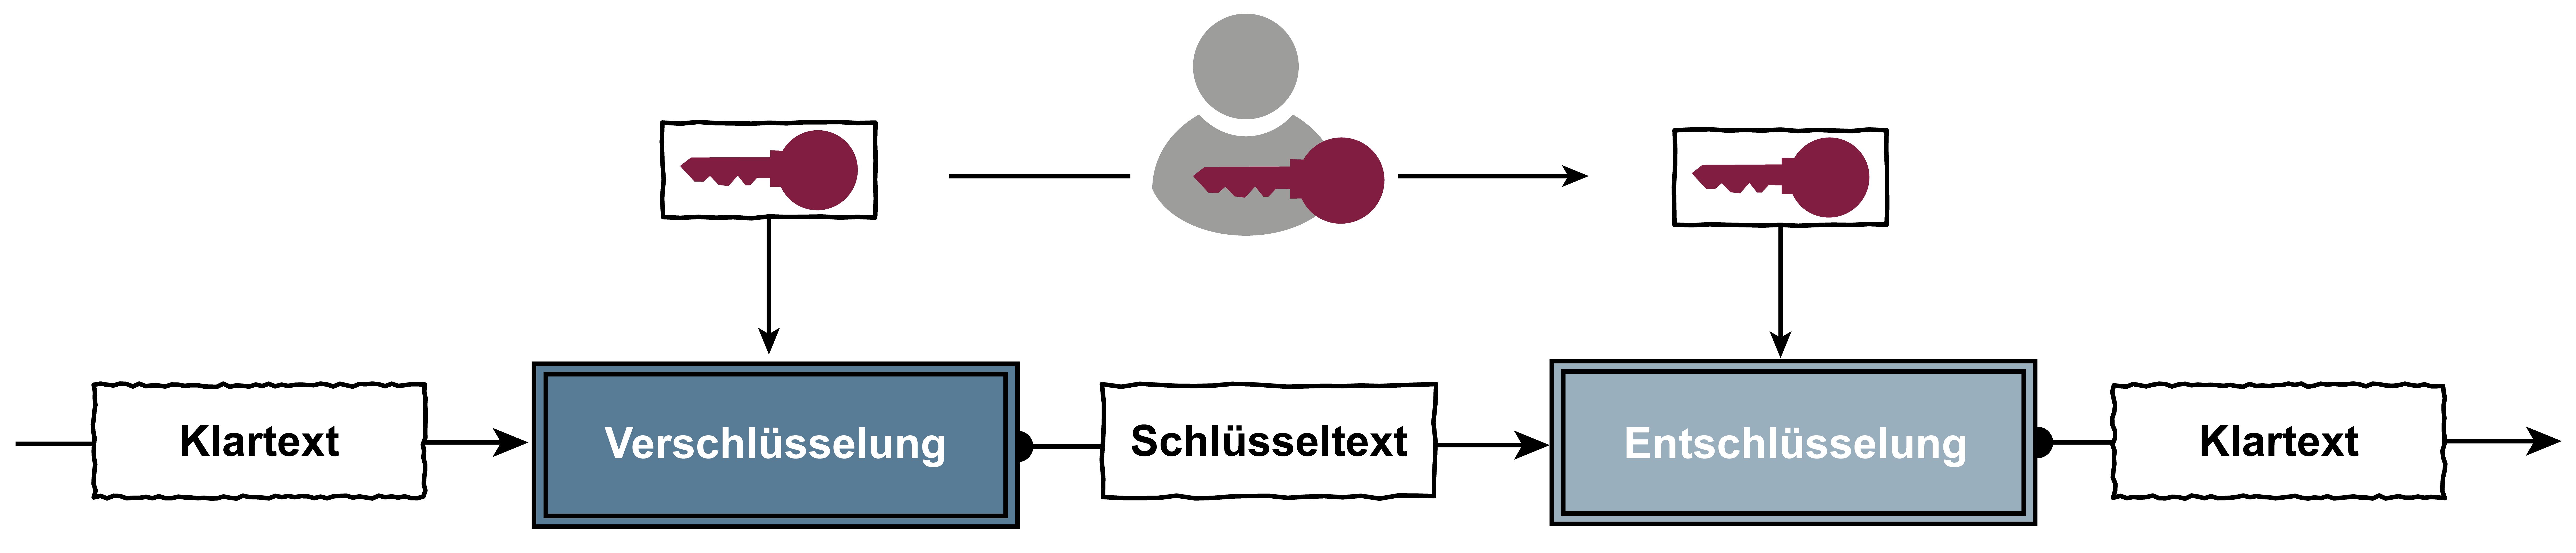 Symmetrische Verschlüsselung – Glossar Cyber-Sicherheit – Prof. Norbert Pohlmann